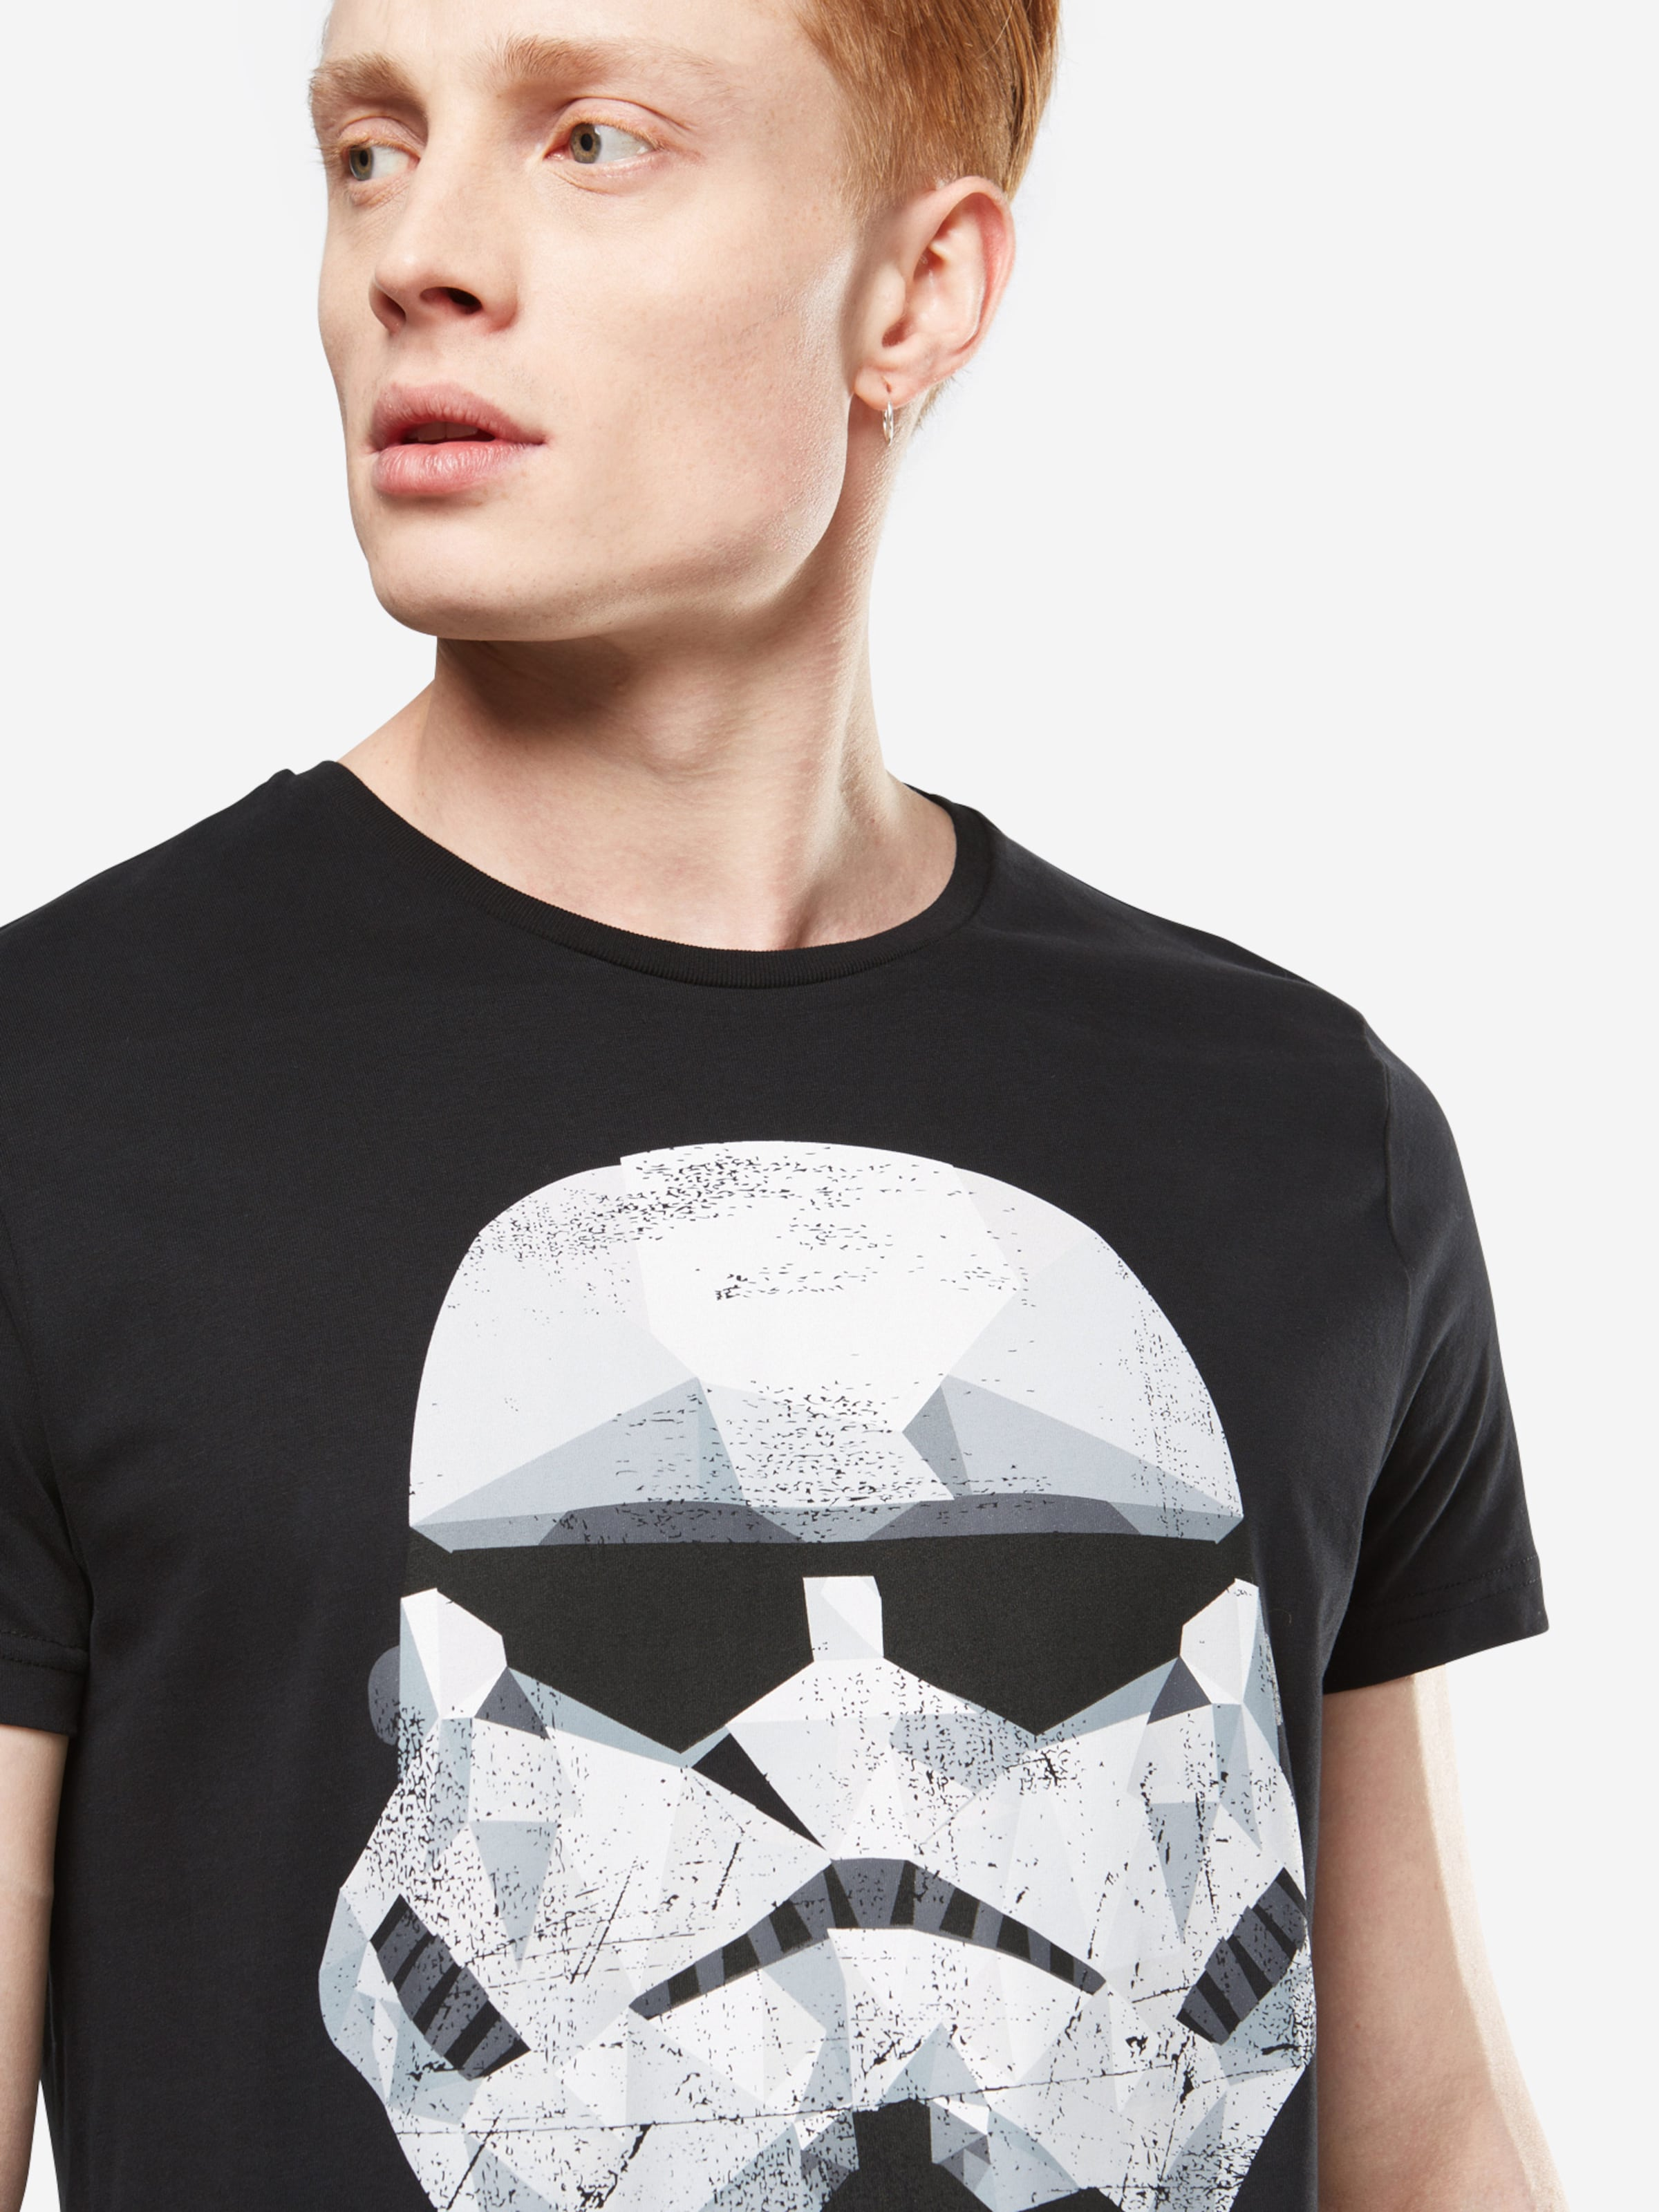 Billig Verkauf Original GOZOO Shirt 'IMPERIAL STORMTROOPER - STAR WARS- GRAPHIC' Günstig Kaufen Ausgezeichnet Rabatt Professionelle Rabatte Wählen Sie Eine Beste Günstig Online ws1z61KLt